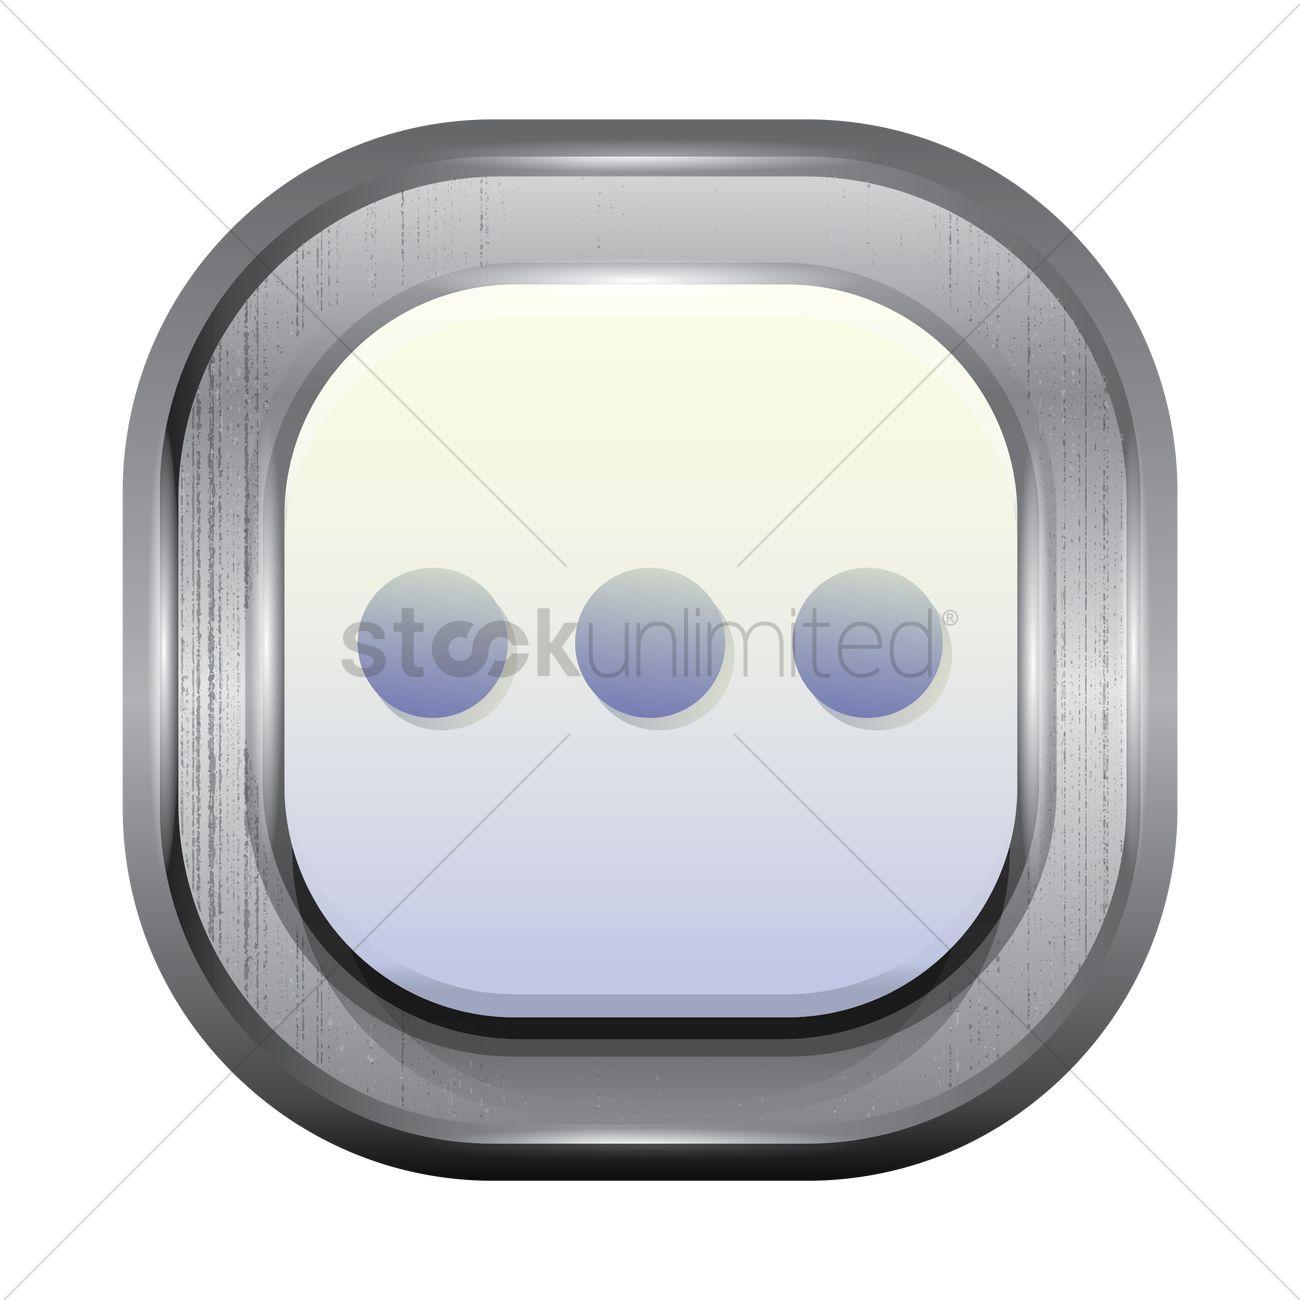 Three dots menu icon vector image 1941243 stockunlimited three dots menu icon vector graphic biocorpaavc